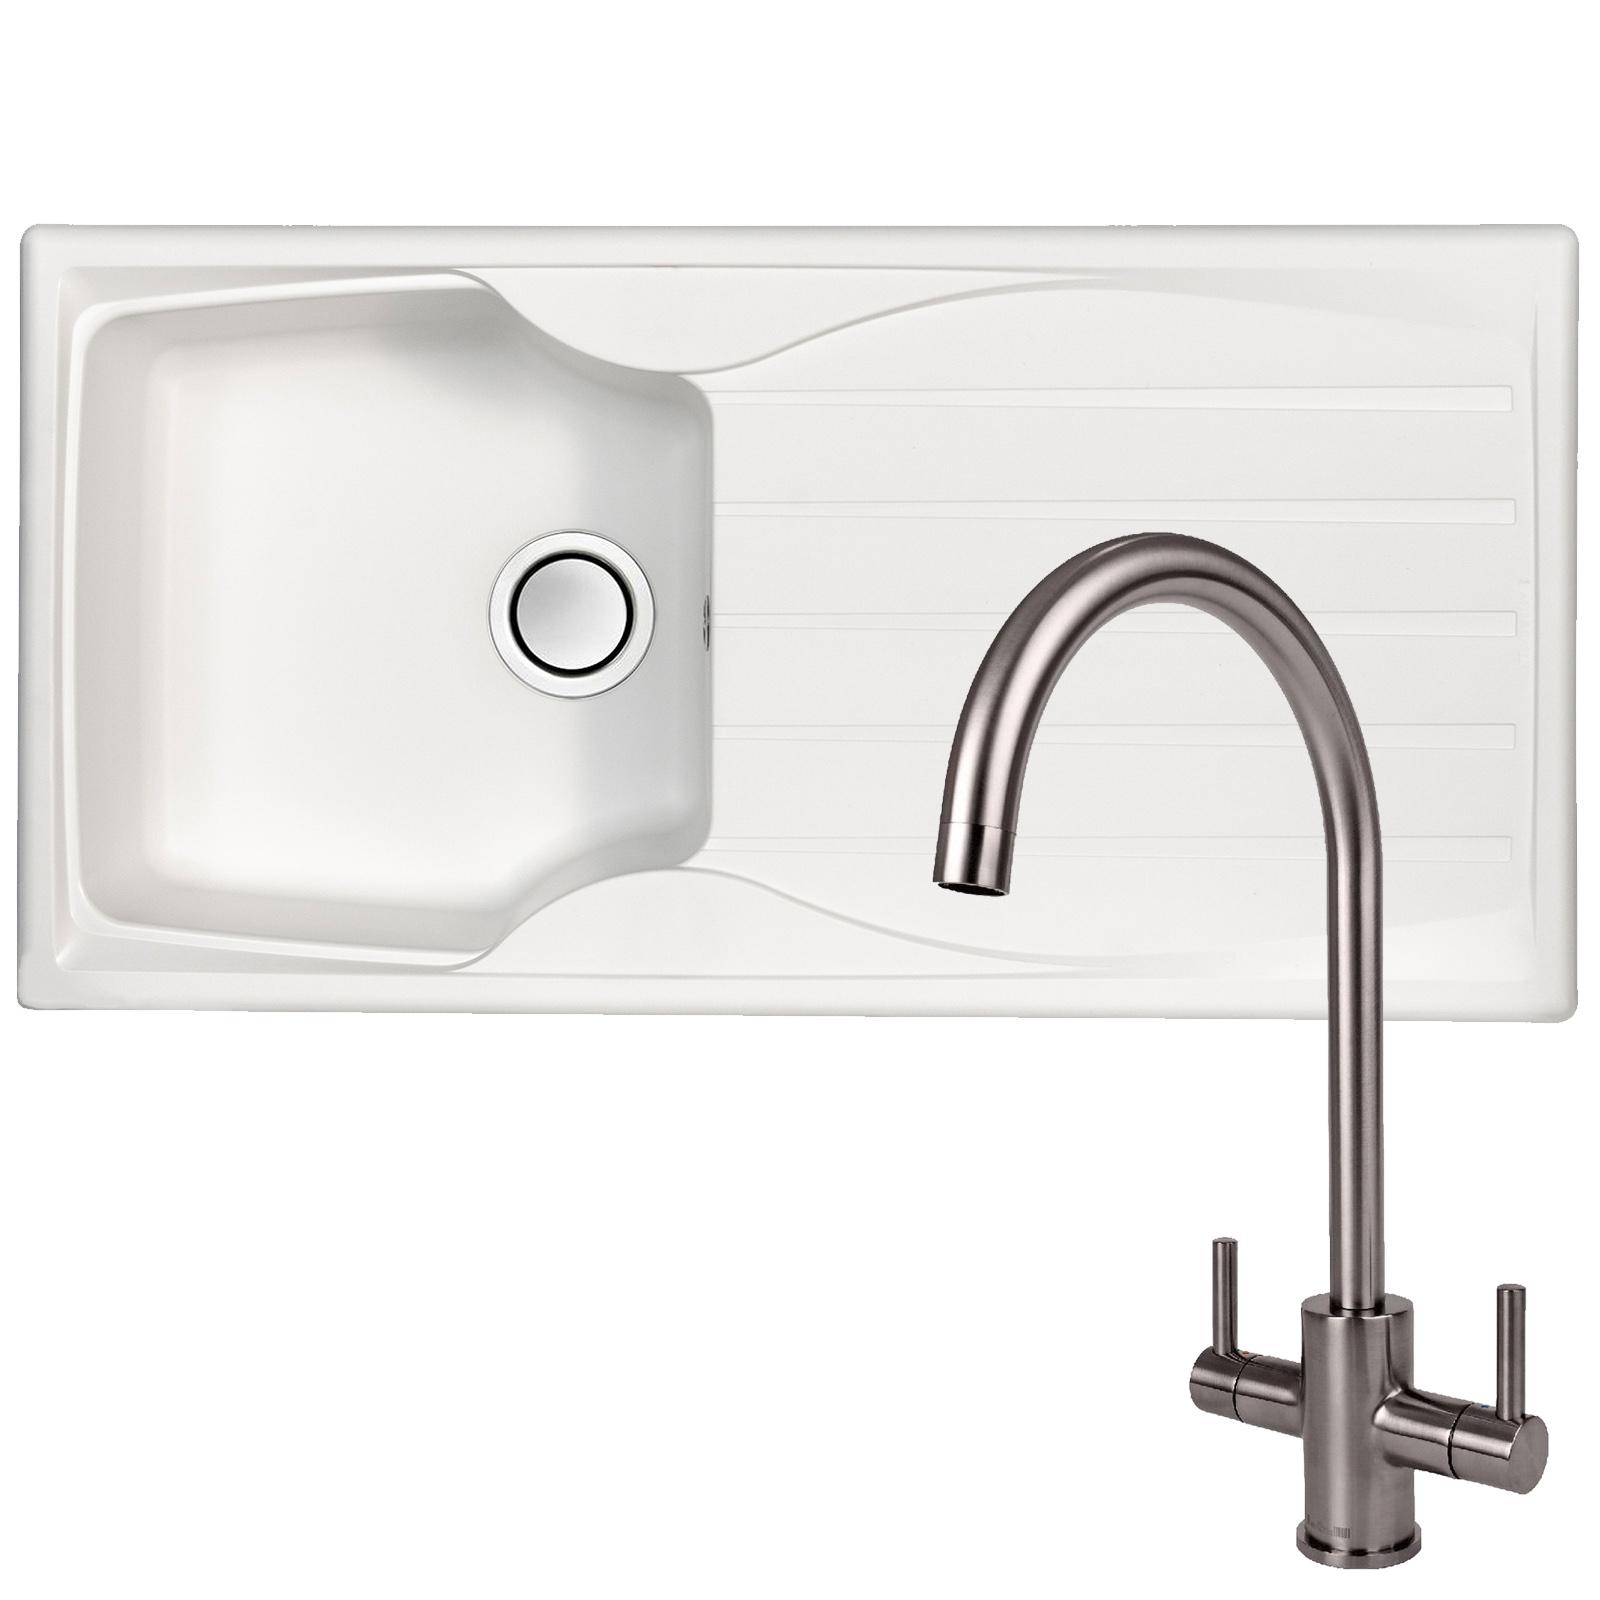 Astracast sierra 1 bowl white kitchen sink reginox genesis swan neck steel tap at ship it appliances